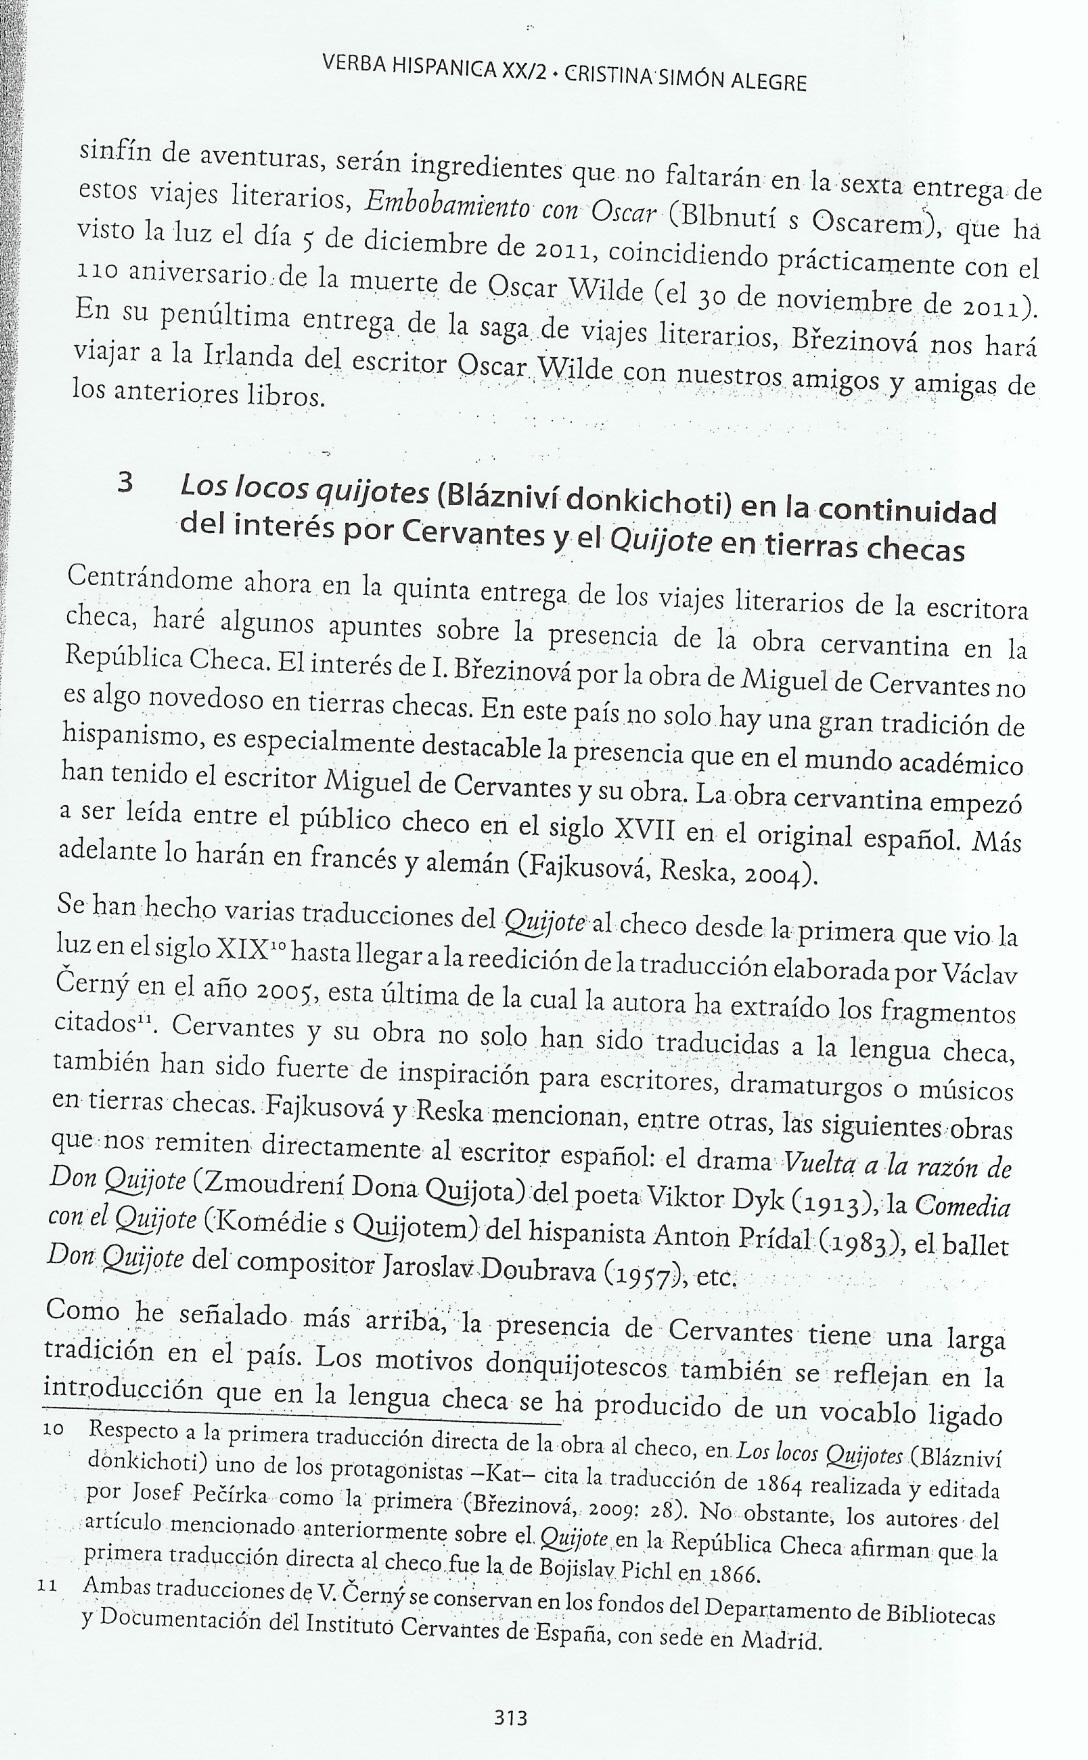 Cristina_Simón_Alegre_s7